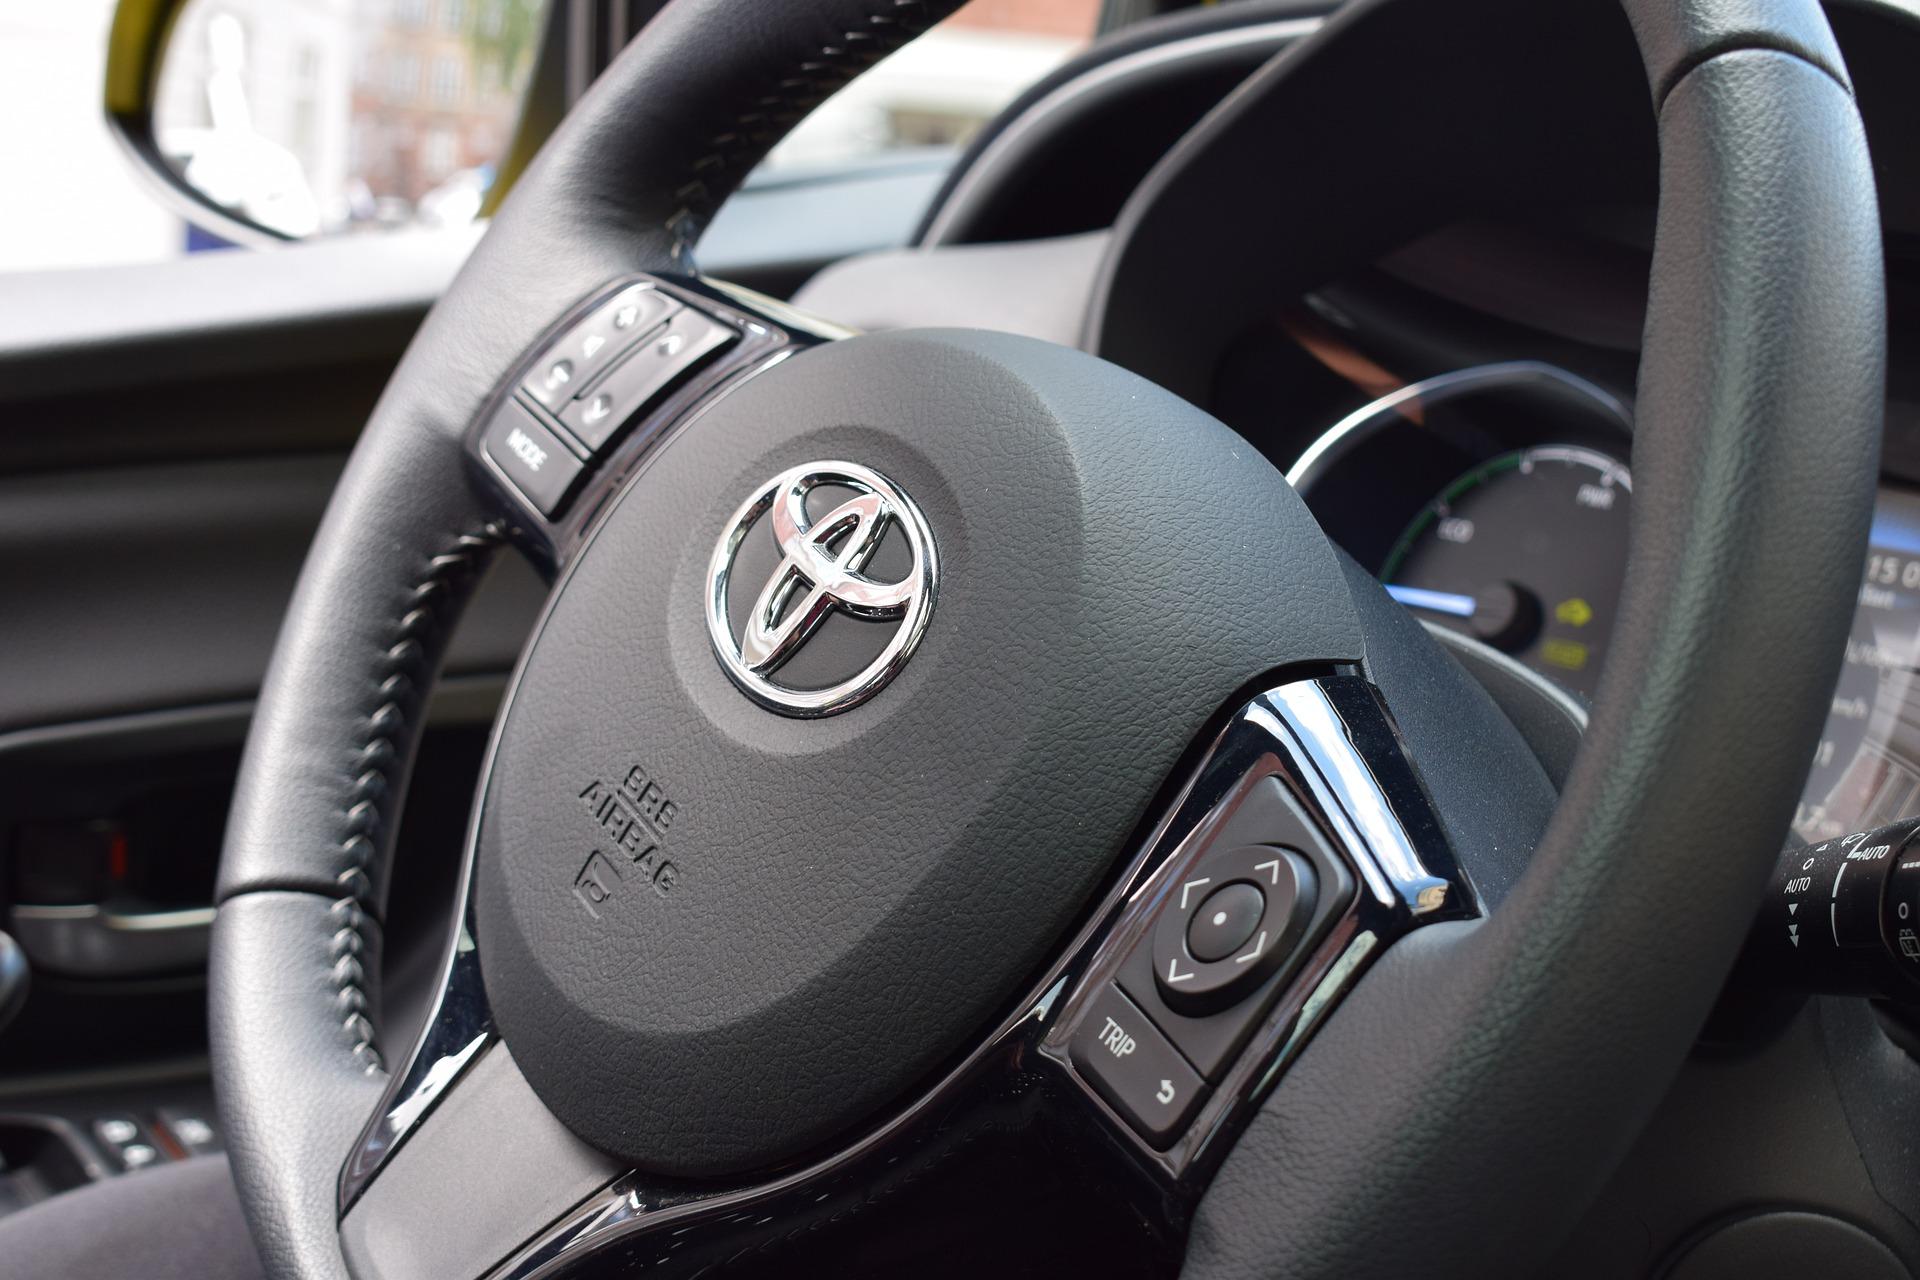 Rachat de votre Toyota Yaris d'occasion que ce soit une diesel D4D, un essence VVT-i, ou hybride . Delivauto a fait de la Reprise Toyota une specialité, la citadine made in France est un veritable succès et se revend très bien sur le marché de l'occasion peu importe son état avec ou sans CT, en panne, moteur HS, accidentée, pour pièces ou export ! Le rachat Toyota hybride s'effectue egalement auprès d'autres professionnels comme garage casse ou épaviste mais Delivauto a des offres de reprise compétitives et des prix de rachat à la hauteur des automobilistes français . D'autres modèles Toyota peuvent faire l'objet de rachat de la part de notre entreprise comme le Rav-4 le C-HR, la Toyota Corolla Verso, l'Avensis ou encore le Toyota Hilux